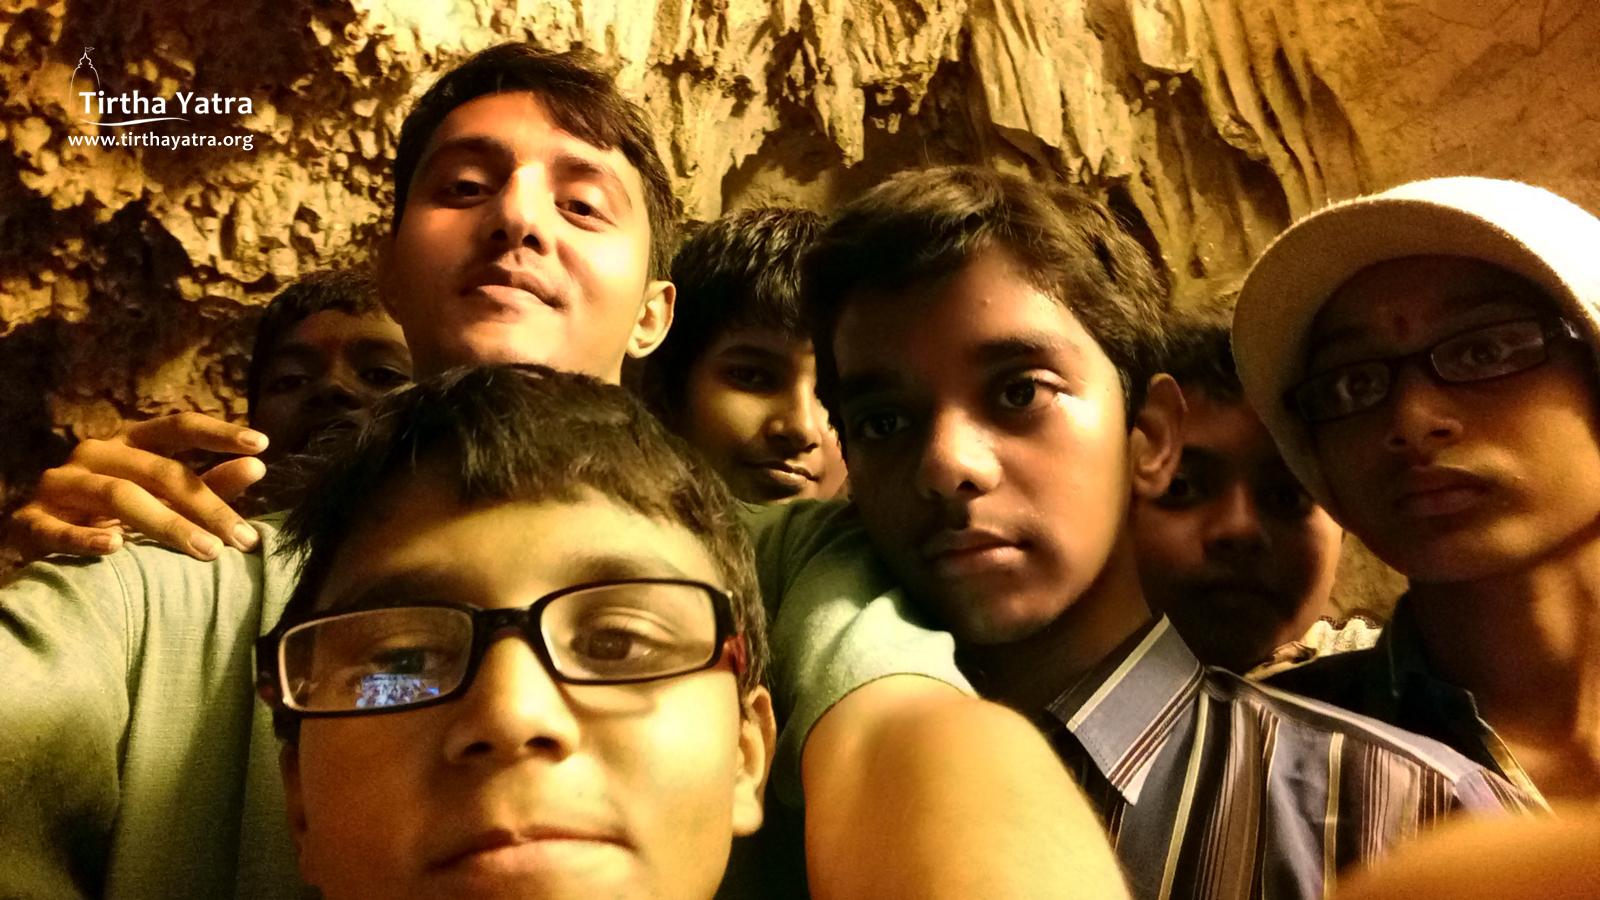 Selfie with children in Belum Caves